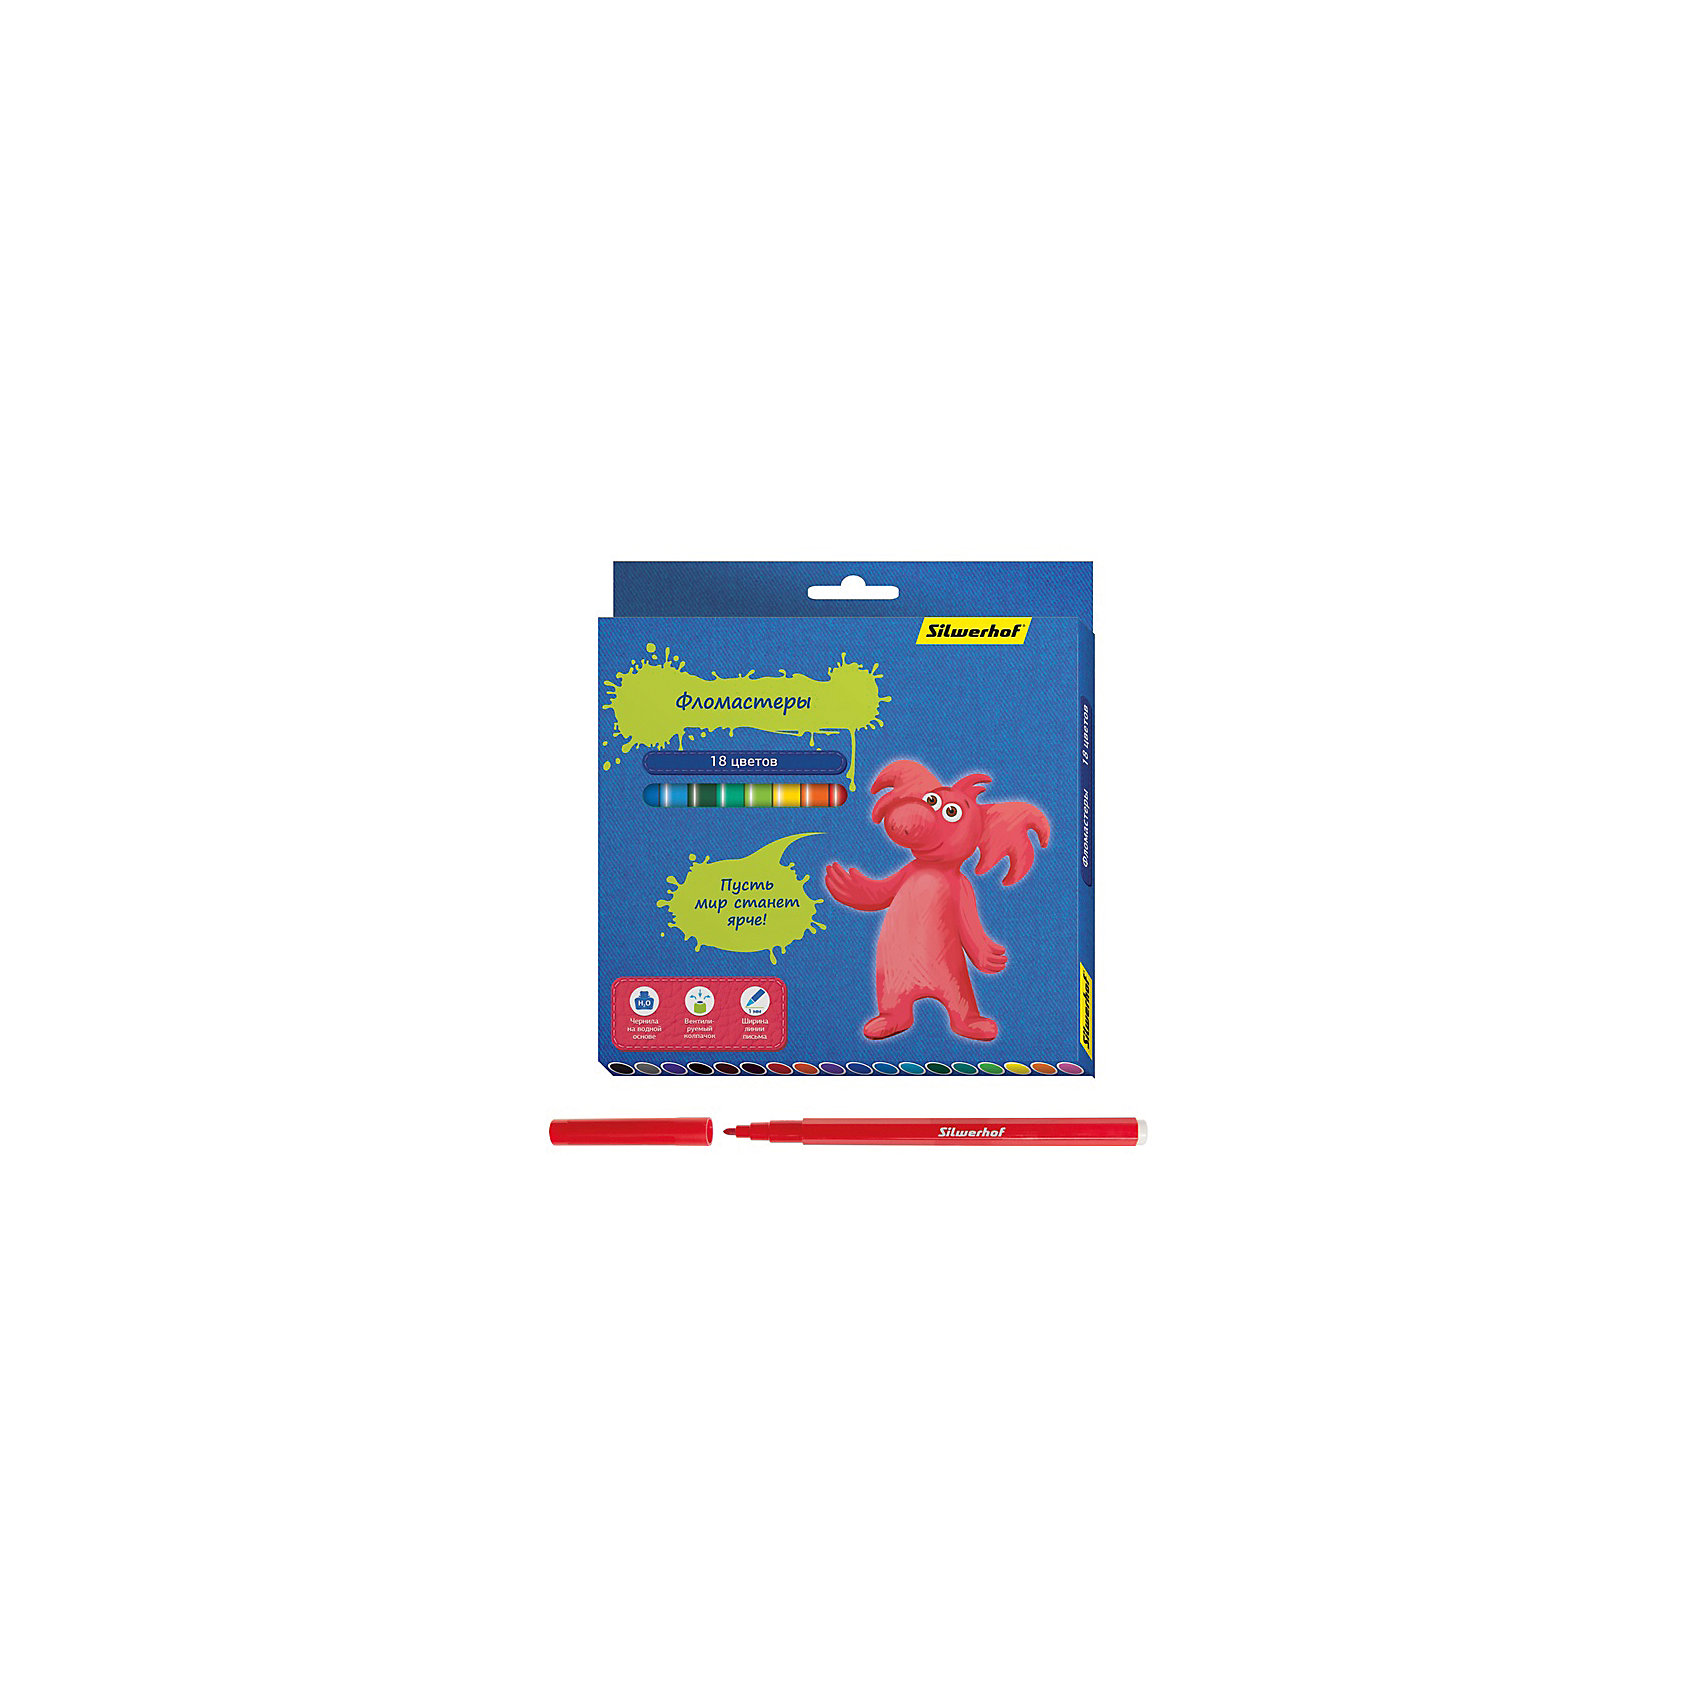 Фломастеры, 18цв, ДЖИНСОВАЯ КОЛЛЕКЦИЯПисьменные принадлежности<br>Характеристики товара:<br><br>• материал: пластик<br>• комплектация: 18 шт<br>• вентилируемый колпачок<br>• упаковка: картонная коробка<br>• шестигранные<br>• размер фломастера: 9х153 мм<br>• страна бренда: Российская Федерация<br>• страна производства: Китай<br><br>Сделать творчество и учебу интереснее для ребенка поможет этот набор цветных фломастеров! Ими не только гораздо веселее рисовать, чем маленьким набором, такие фломастеры удобно хранить в картонной коробке. Они отличаются яркими цветами - ребенок будет в восторге!<br>Изделия качественно выполнены, сделаны из безопасных для детей материалов. Рисование помогает детям лучше развить мелкую моторику, память, внимание, аккуратность и мышление. Такой набор - отличный подарок ребенку!<br><br>Фломастеры, 18 цв, ДЖИНСОВАЯ КОЛЛЕКЦИЯ, от бренда Silwerhof можно купить в нашем интернет-магазине.<br><br>Ширина мм: 155<br>Глубина мм: 165<br>Высота мм: 10<br>Вес г: 115<br>Возраст от месяцев: 36<br>Возраст до месяцев: 144<br>Пол: Унисекс<br>Возраст: Детский<br>SKU: 5020508